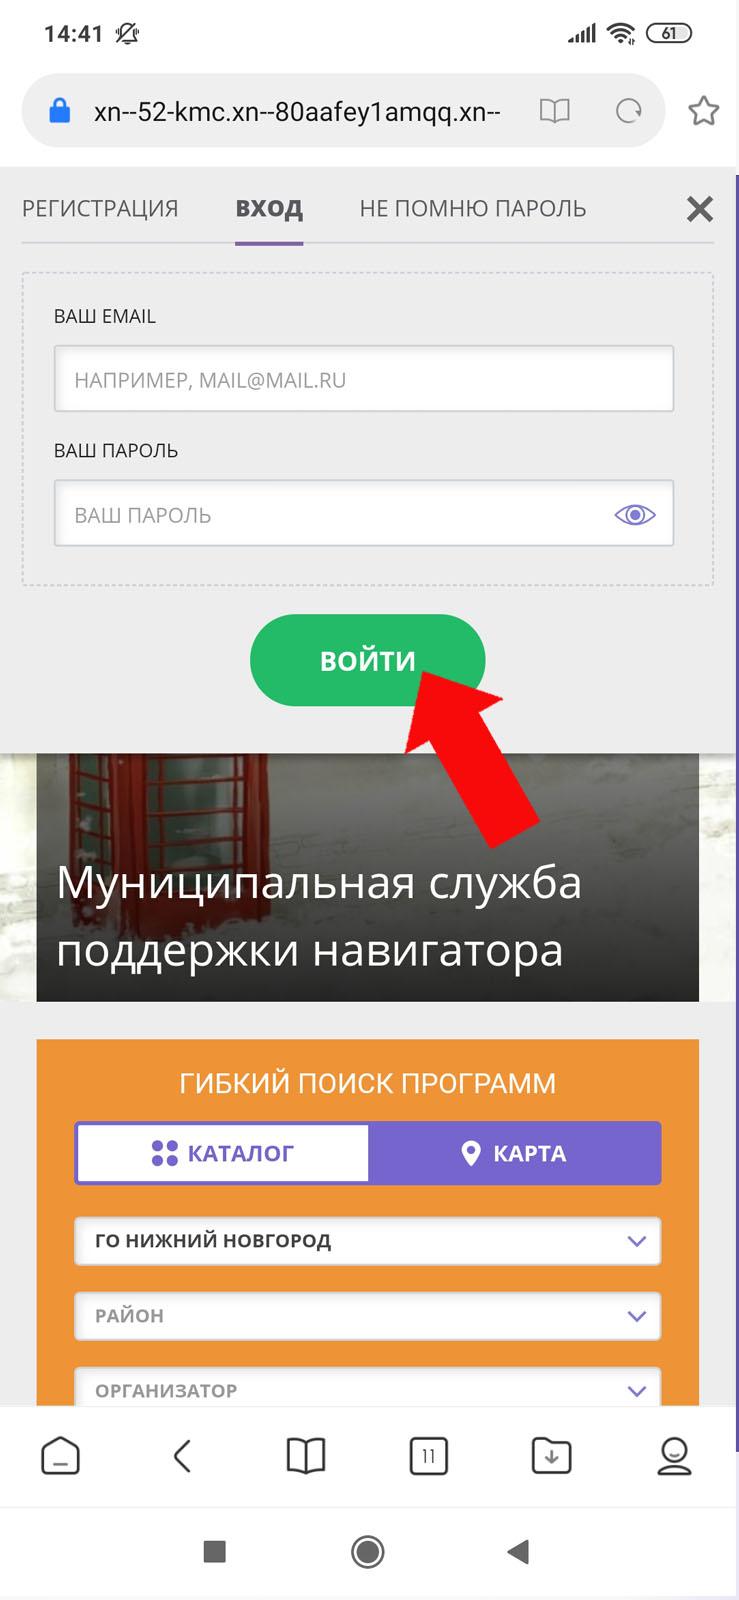 http://cdt-leninskii.ucoz.net/ART-DESIGN/shag_2.jpg